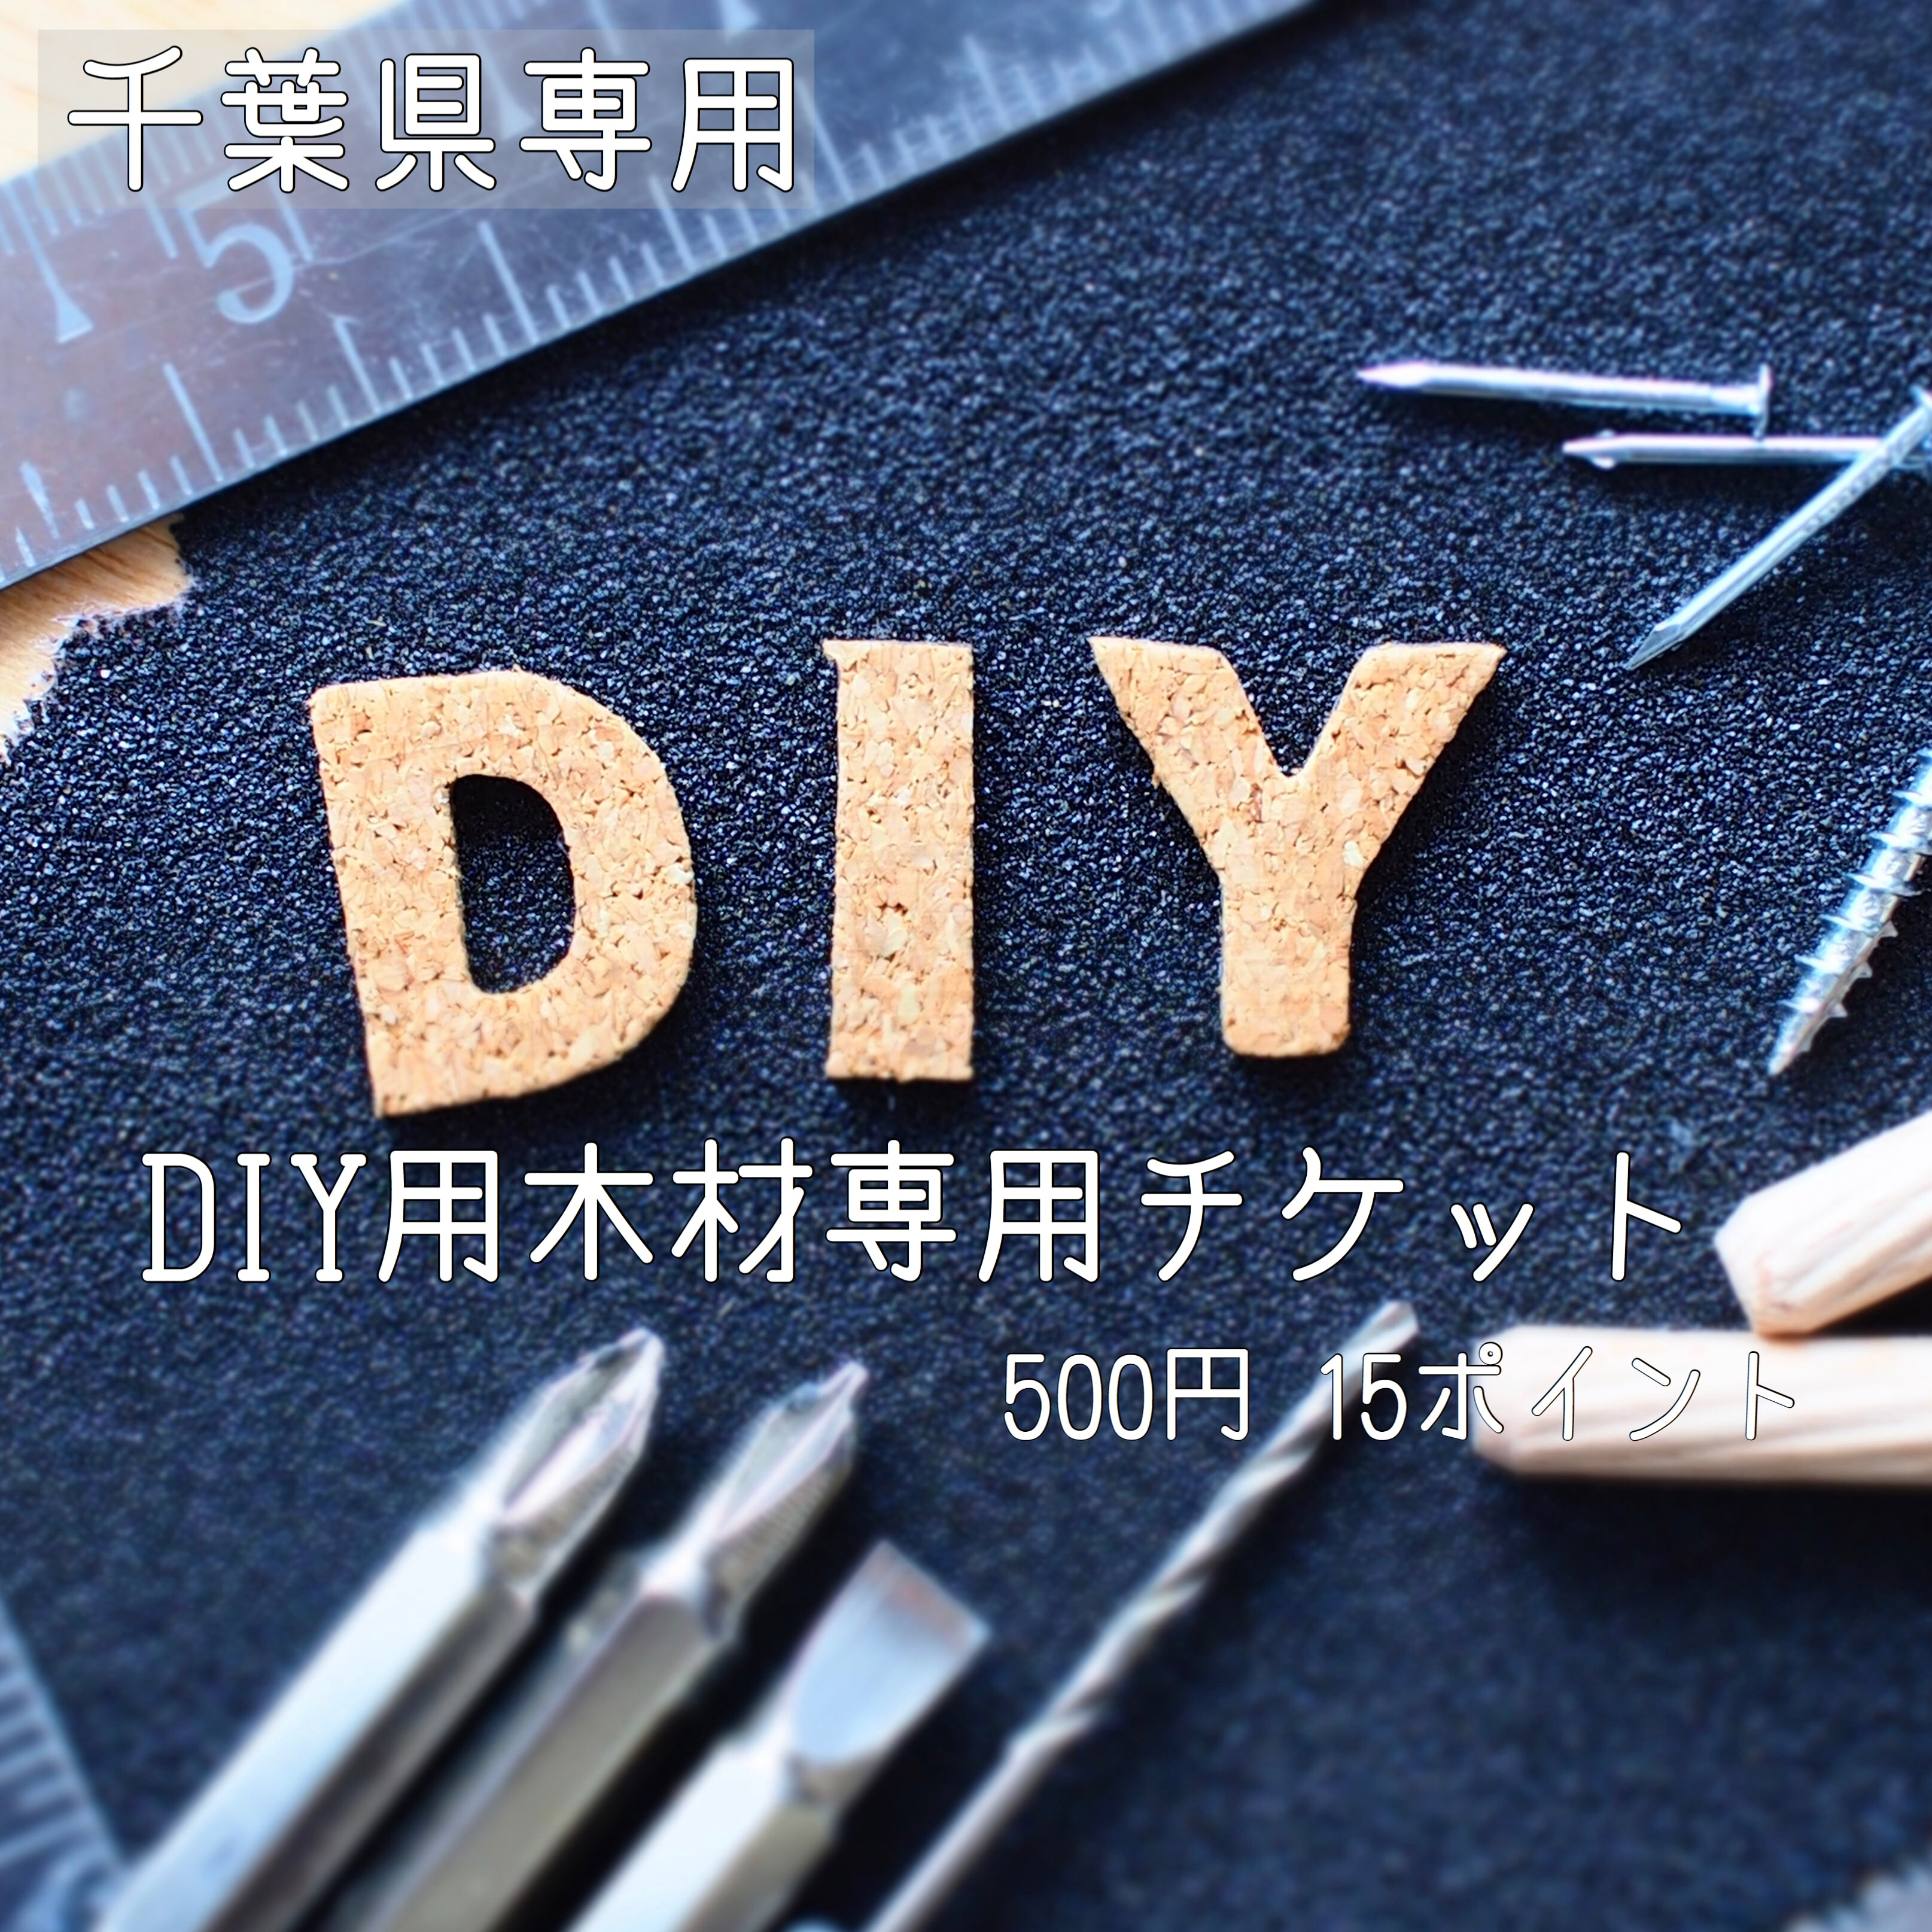 千葉県のお客様専用!!DIY用木材チケット/現地決済専用のイメージその1